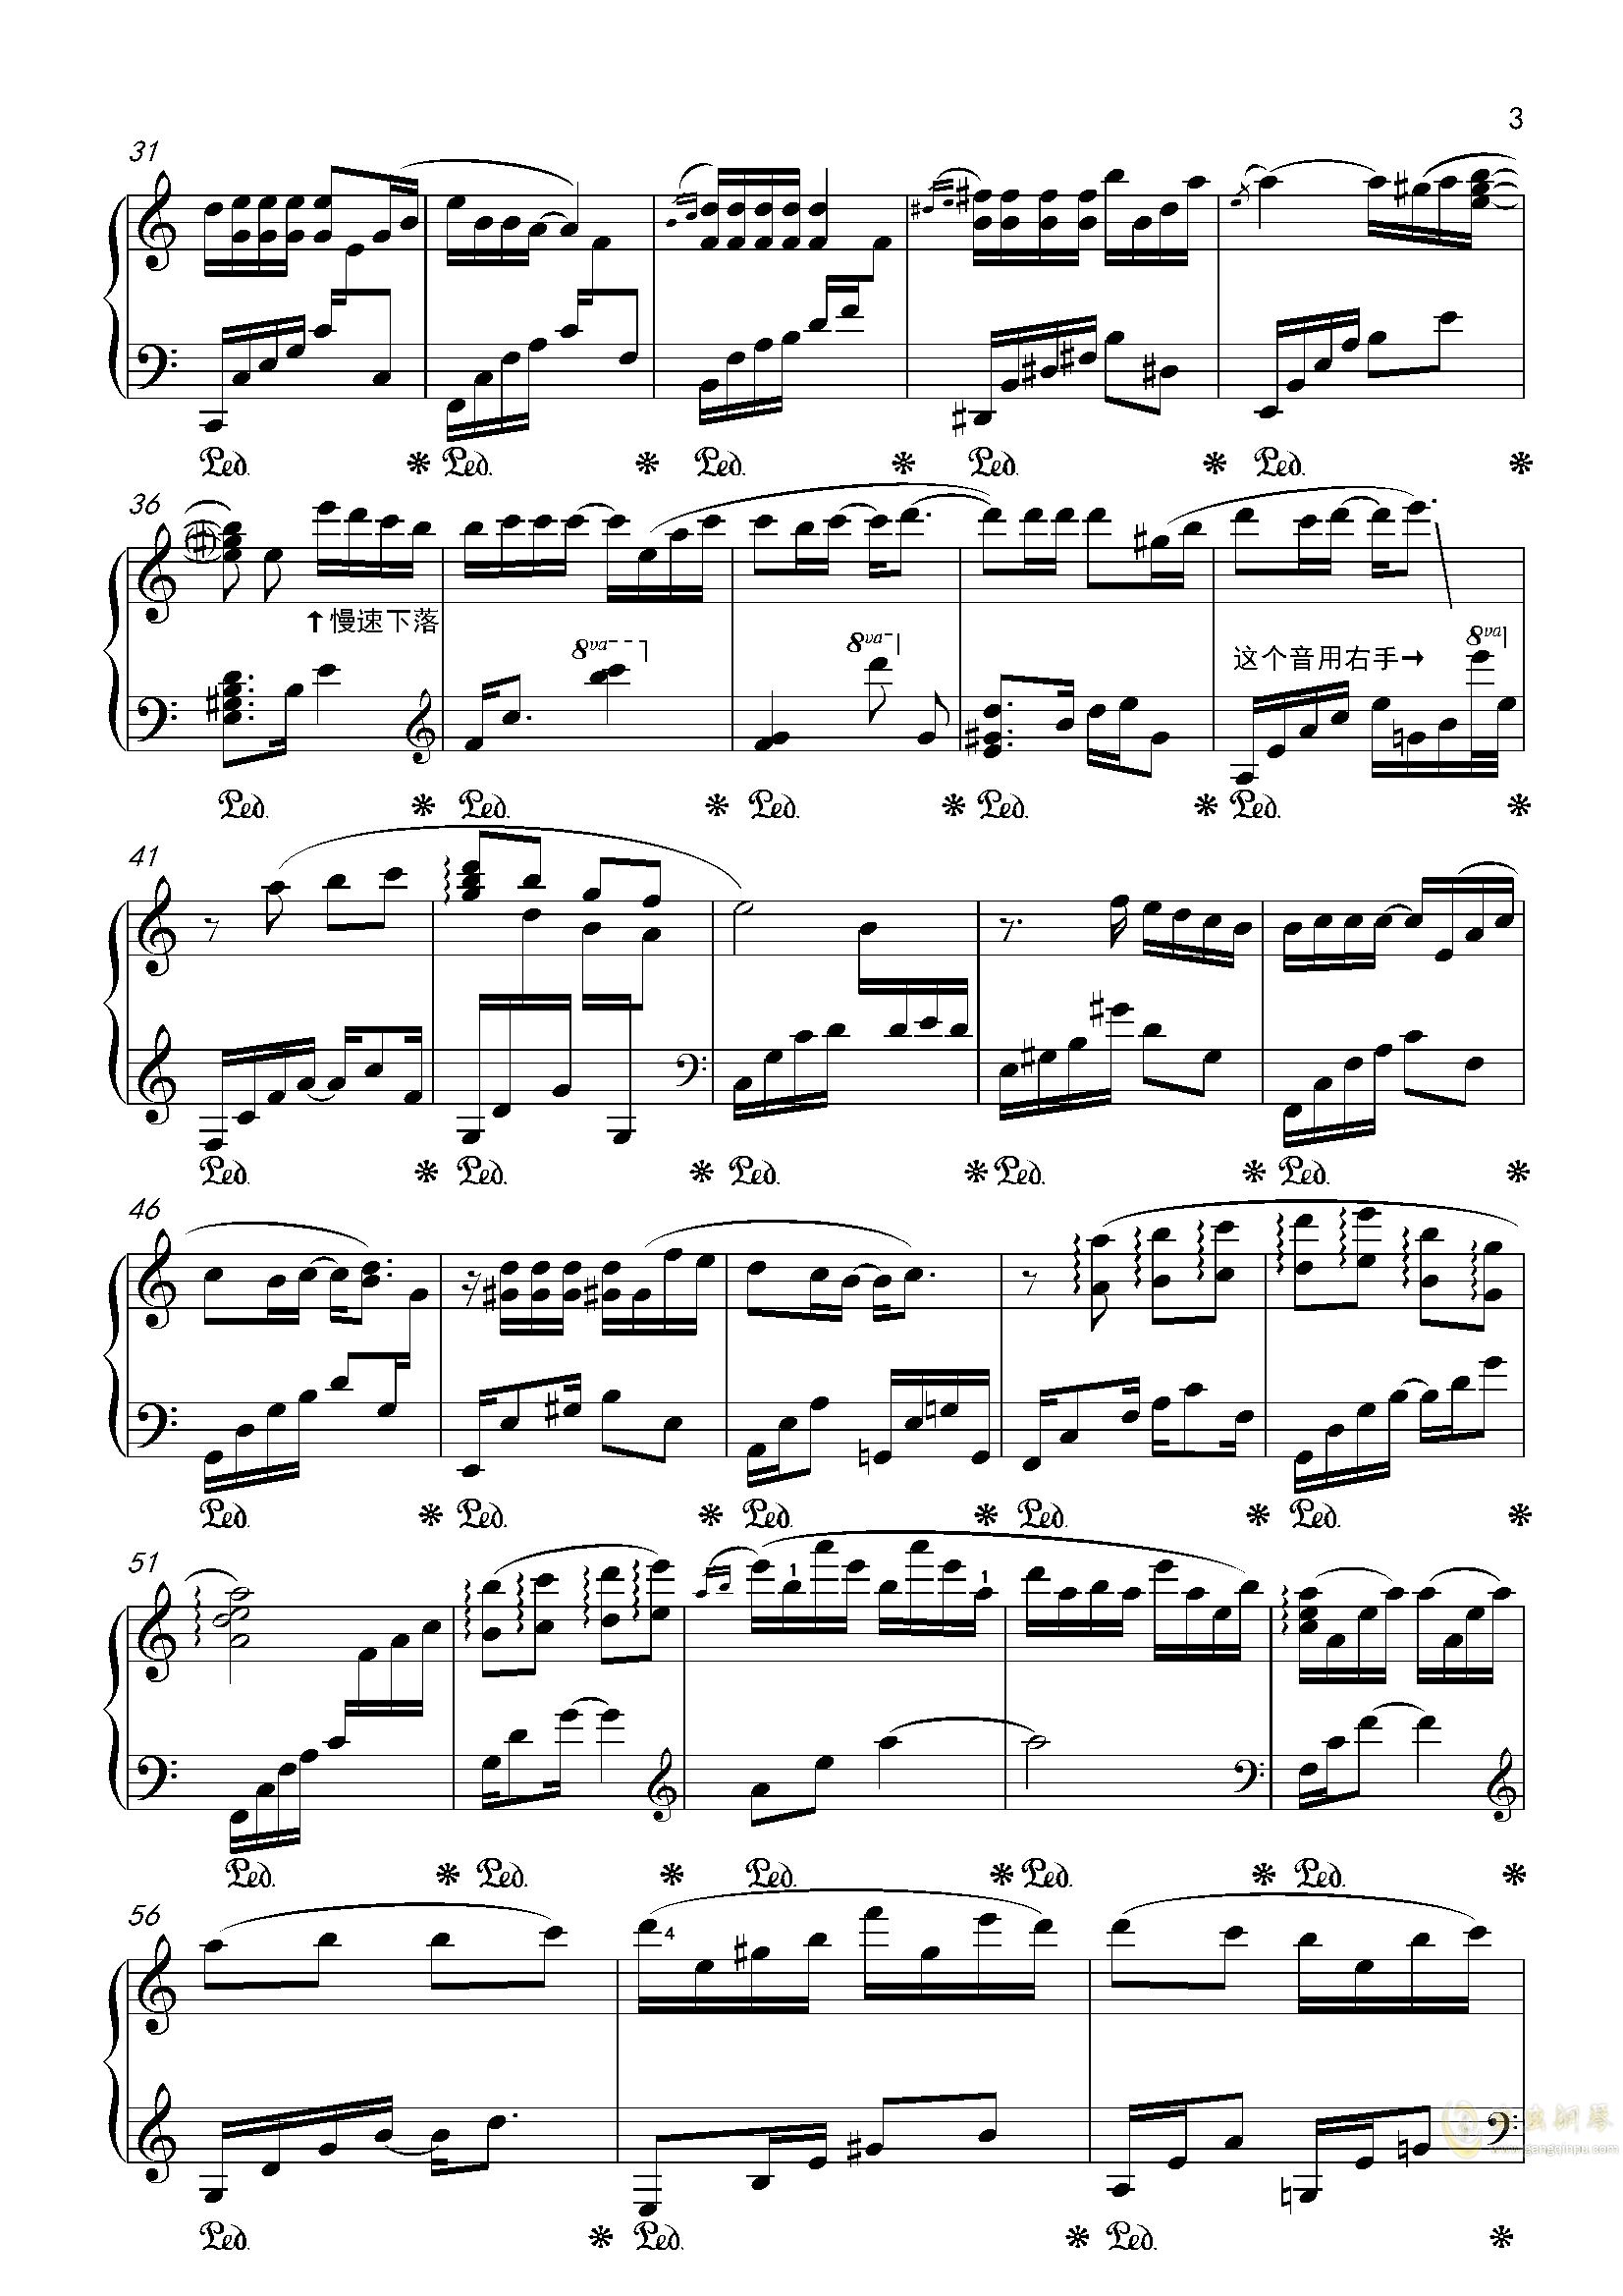 恋与制作人开场主题钢琴谱 第3页